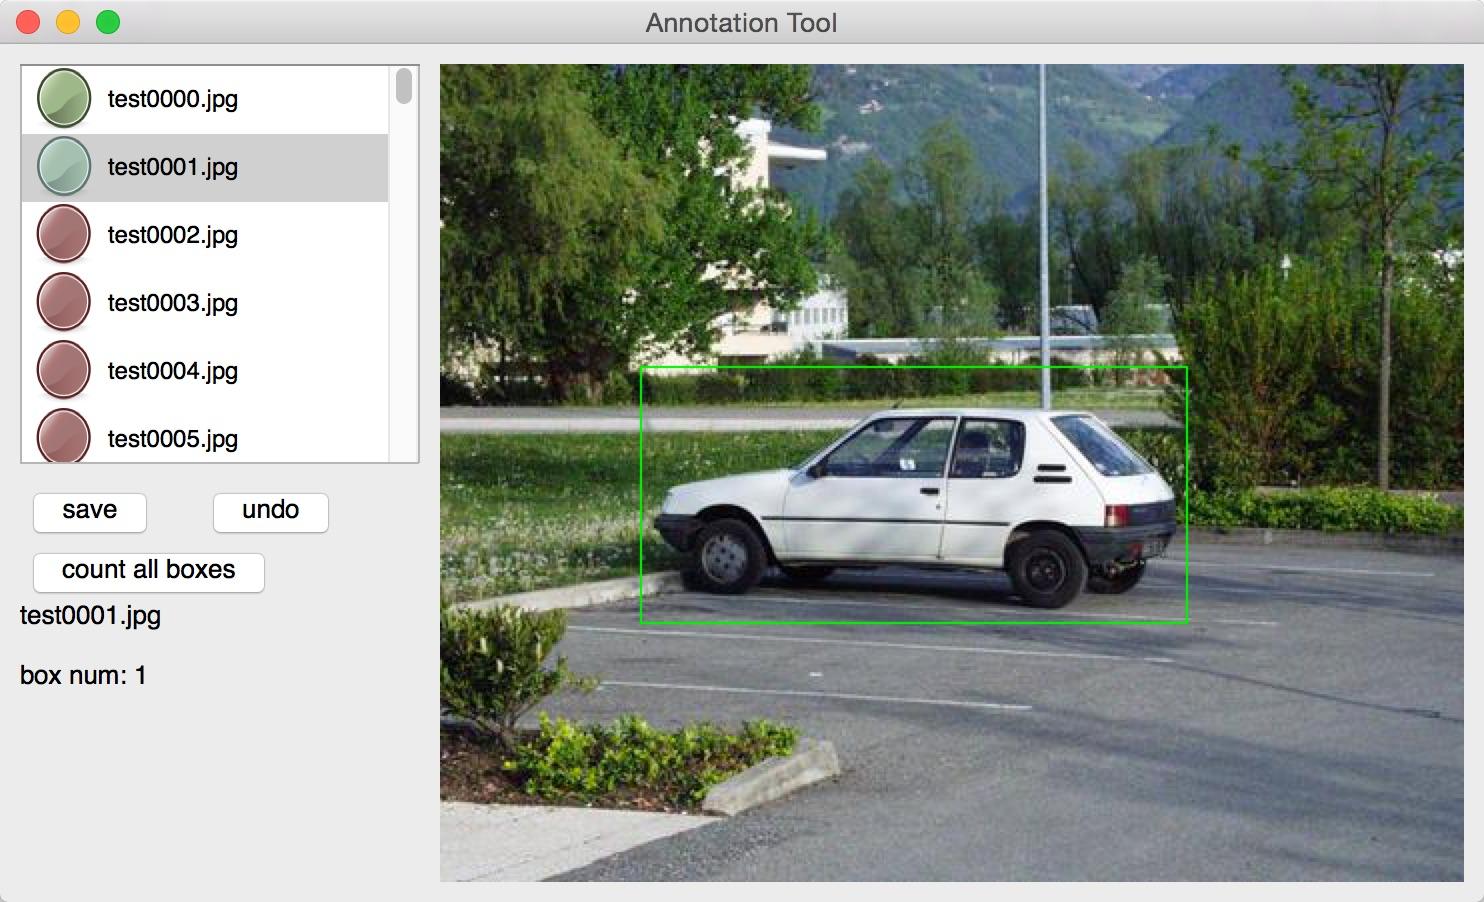 GitHub - rupy/HumanDetection: Human detection program for